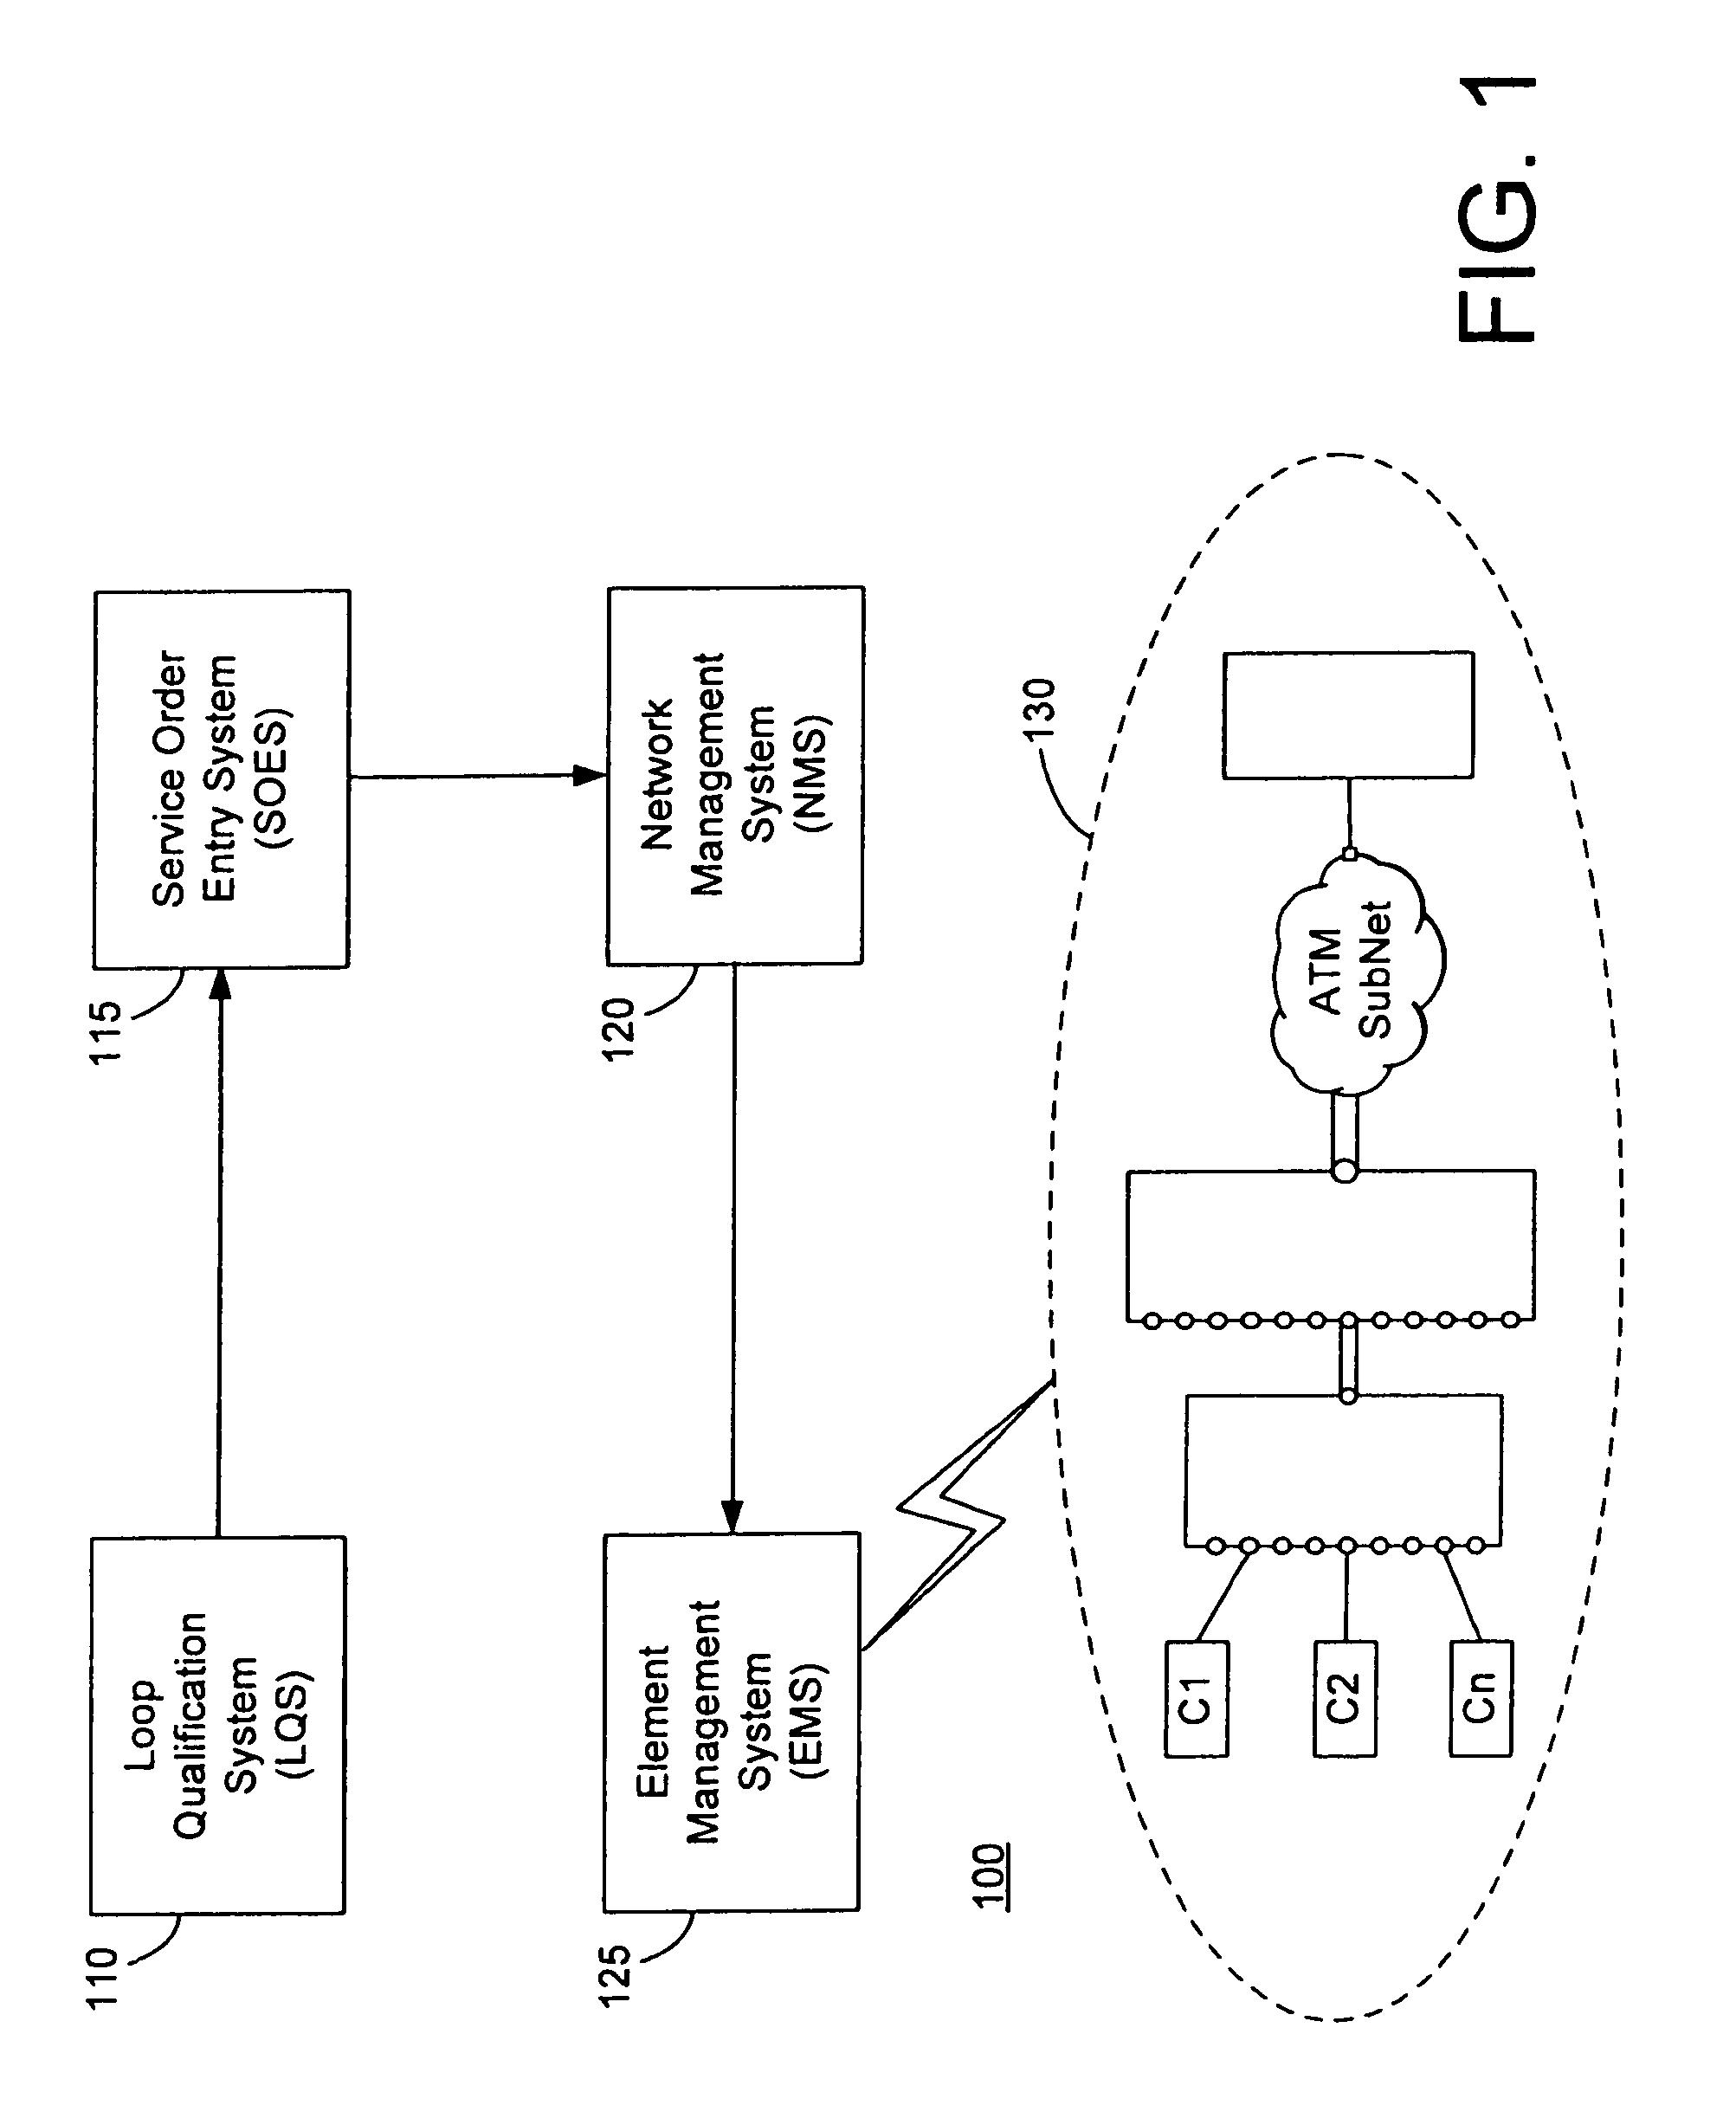 patent us7688759